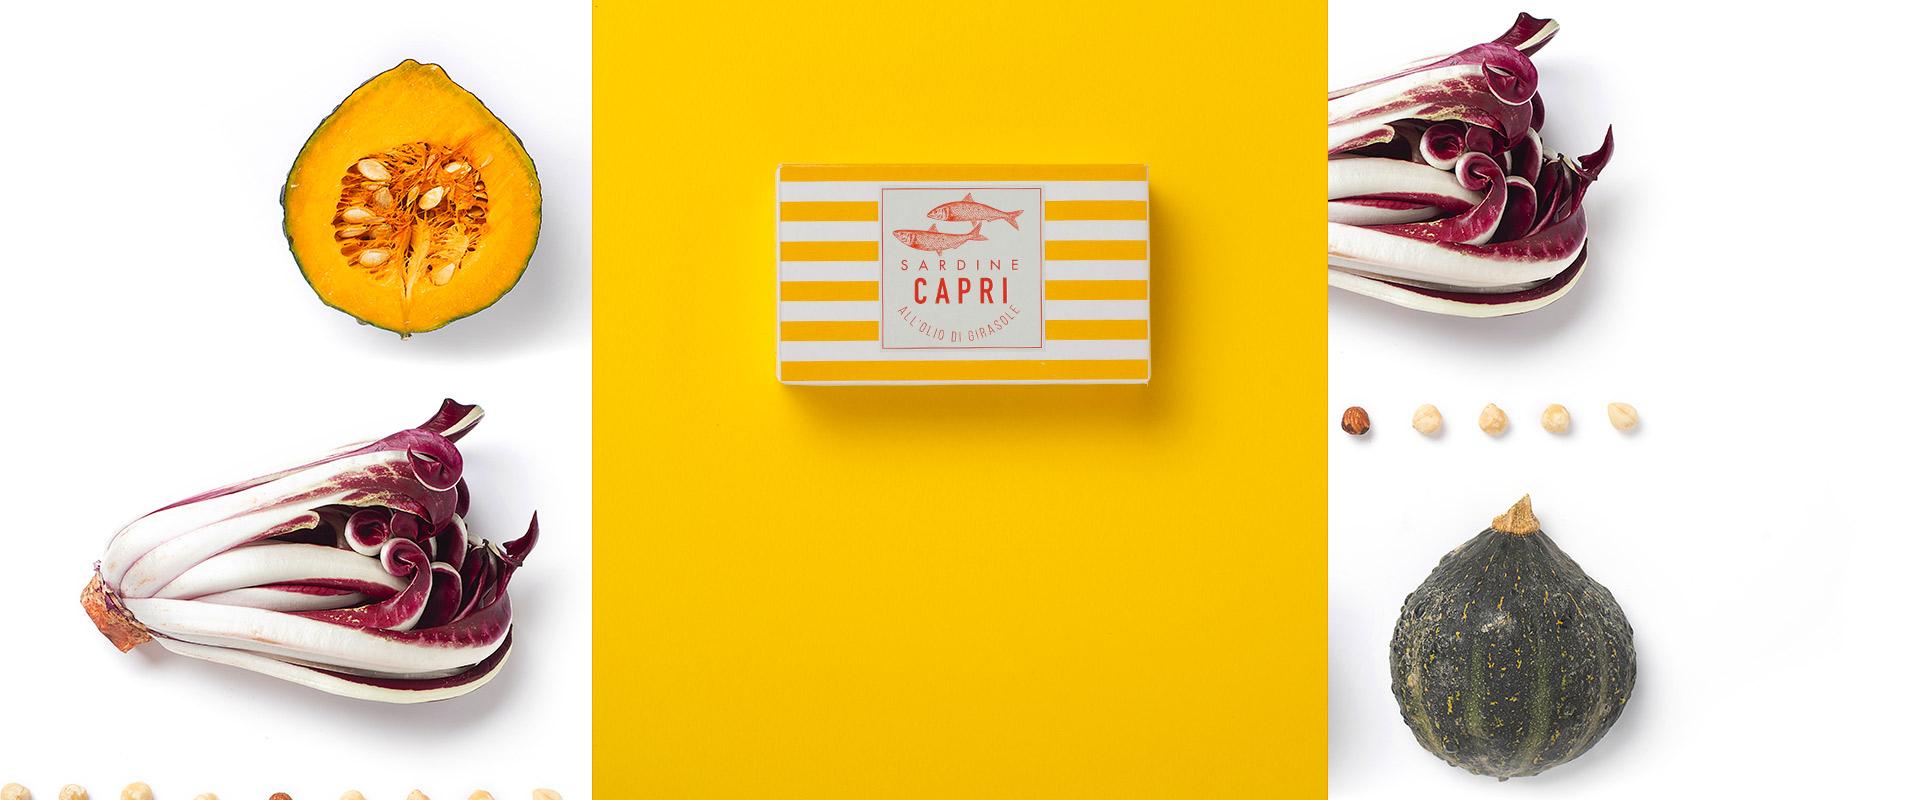 Sardine all'olio di Girasole Capri | Ricetta